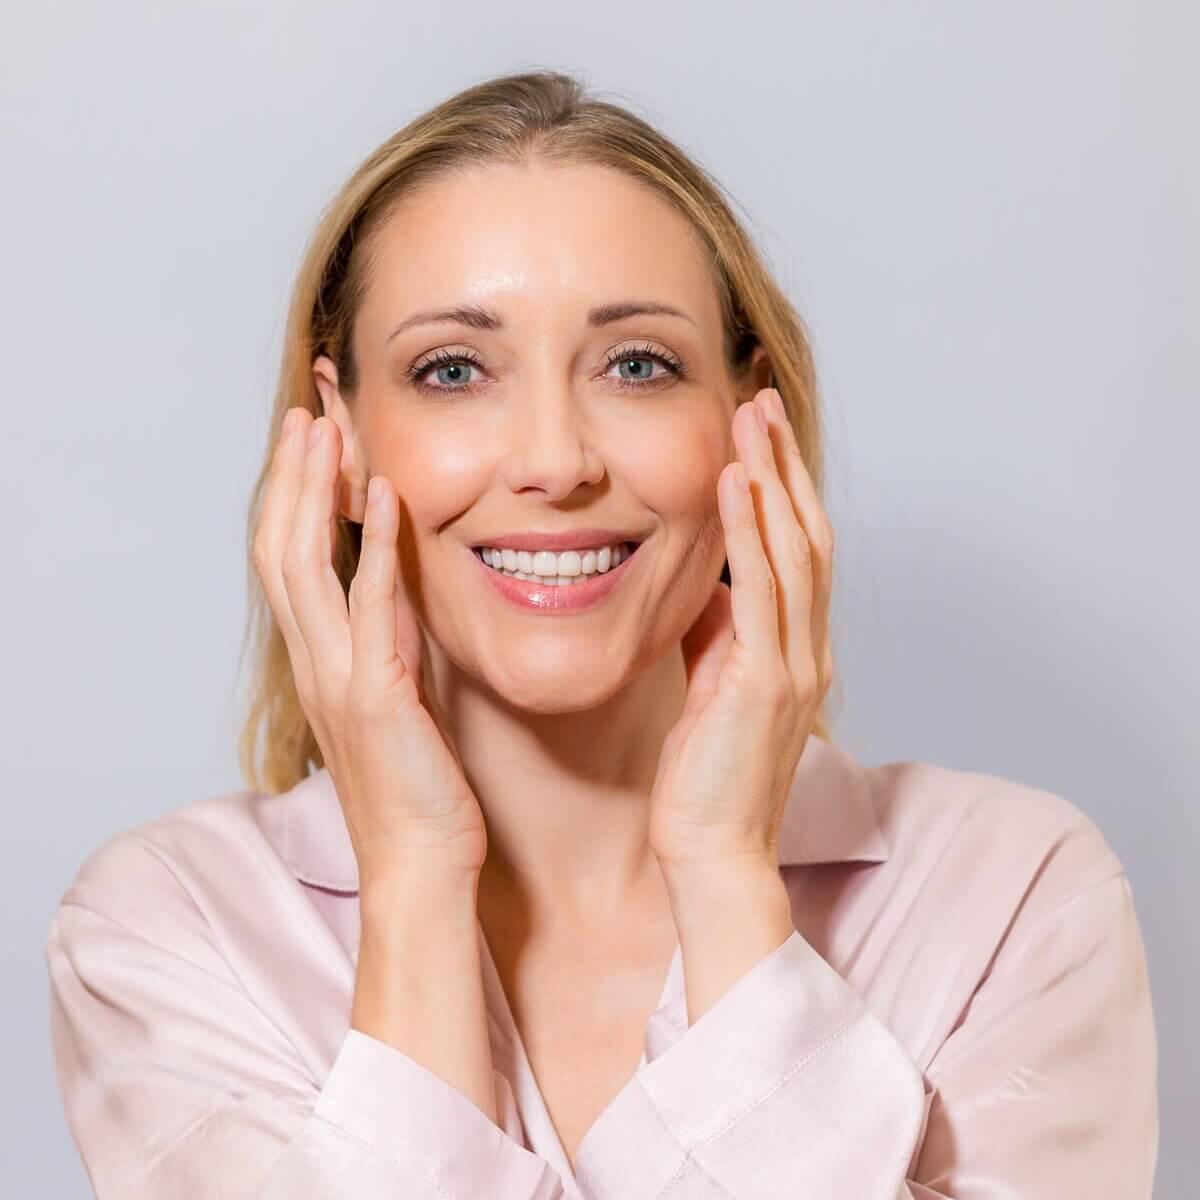 Gesichtspflege mit Heki